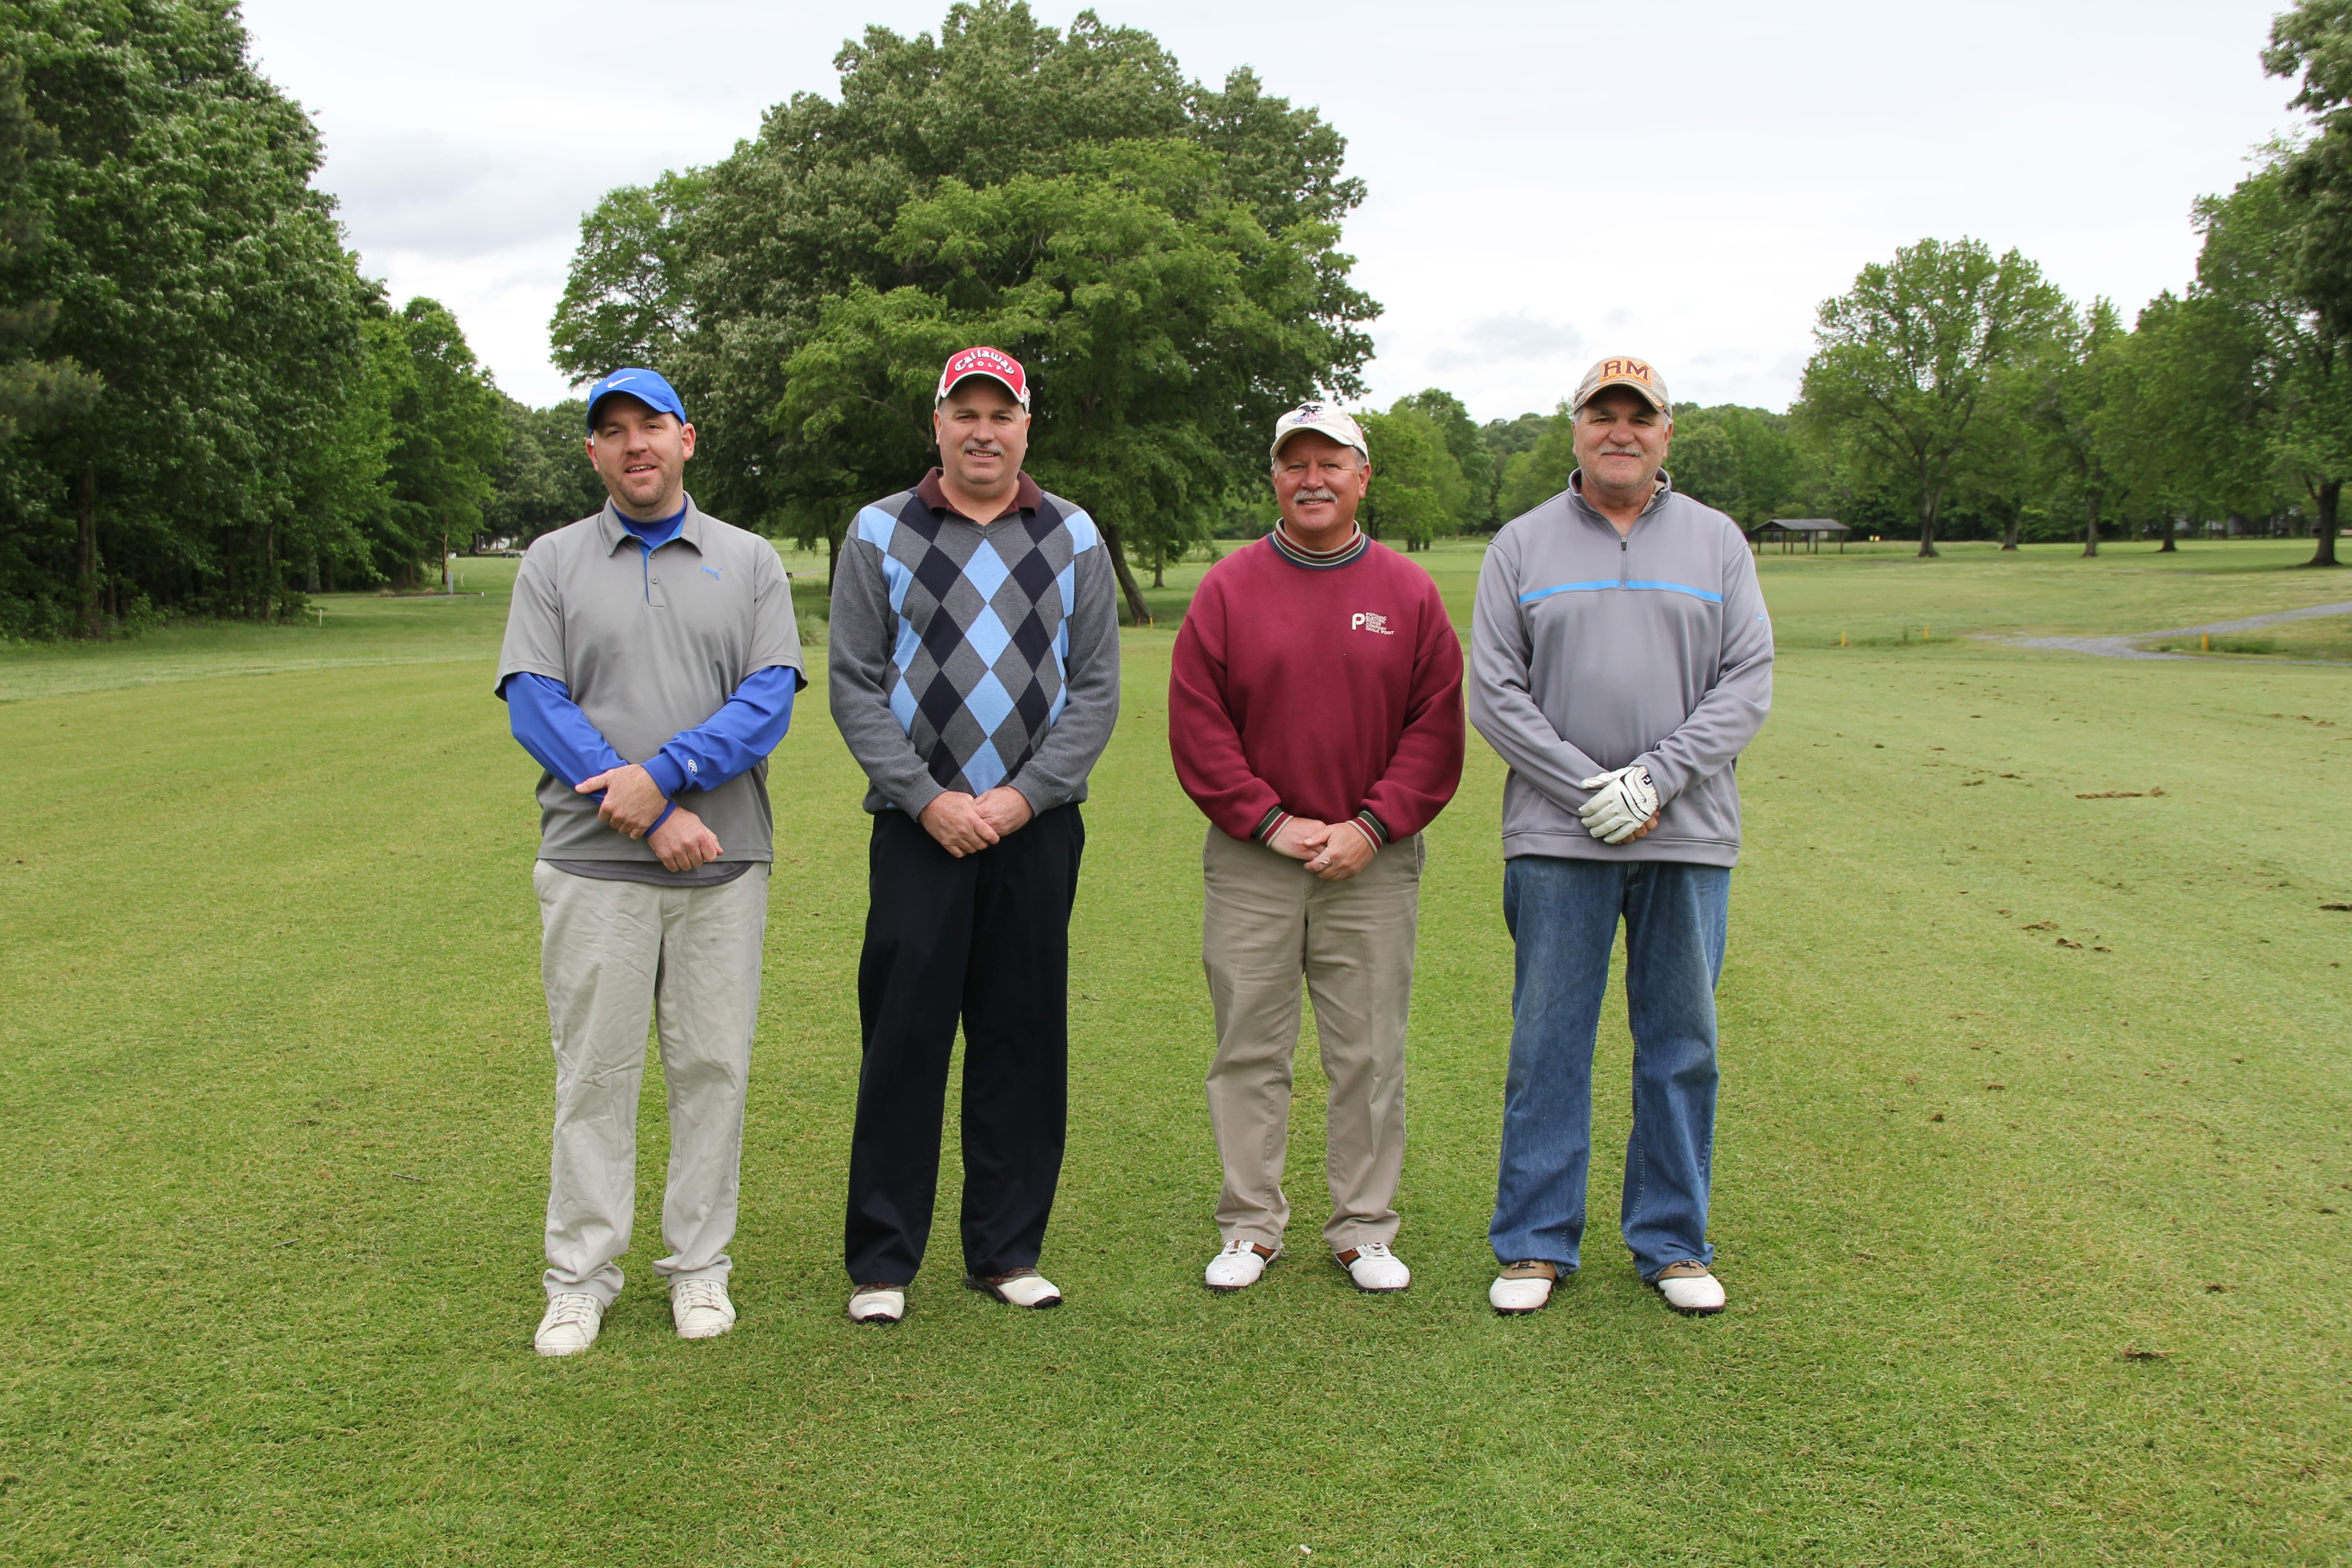 IMG_5922 - Team 9 - Walter Johnson, Craig Wathen, Tony Wathen, John Wathen